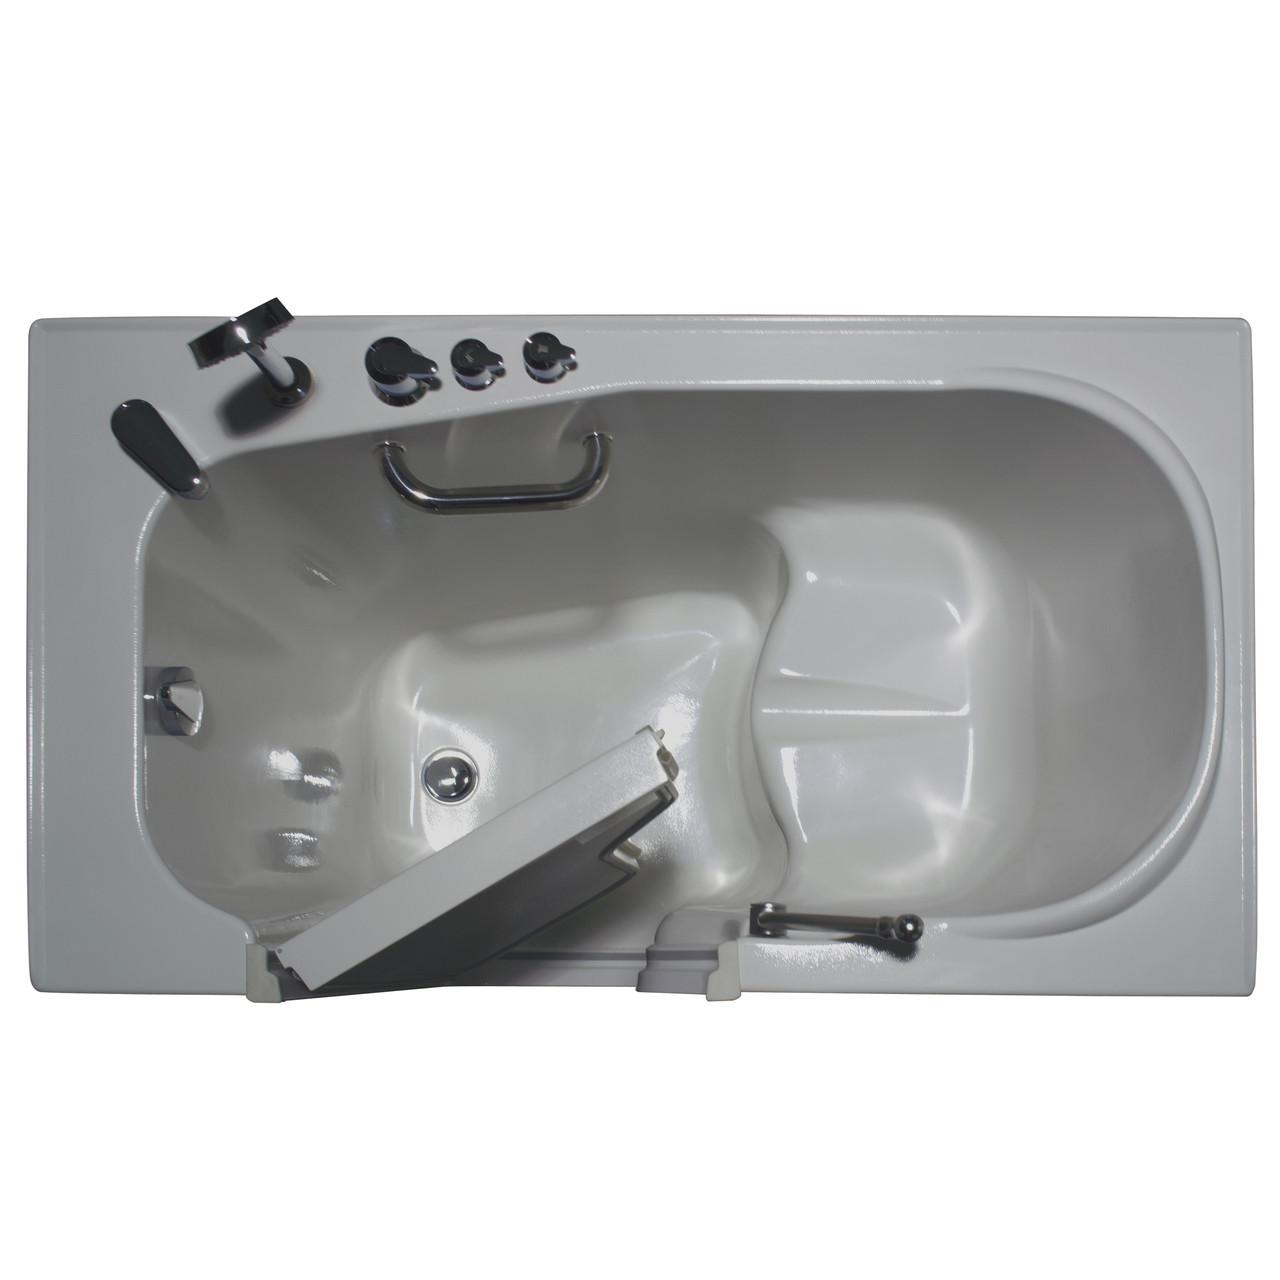 """Homeward Bath Inward Opening Walk-In Tub Heated Air Jets 51x29"""" Aurora HY1223A"""